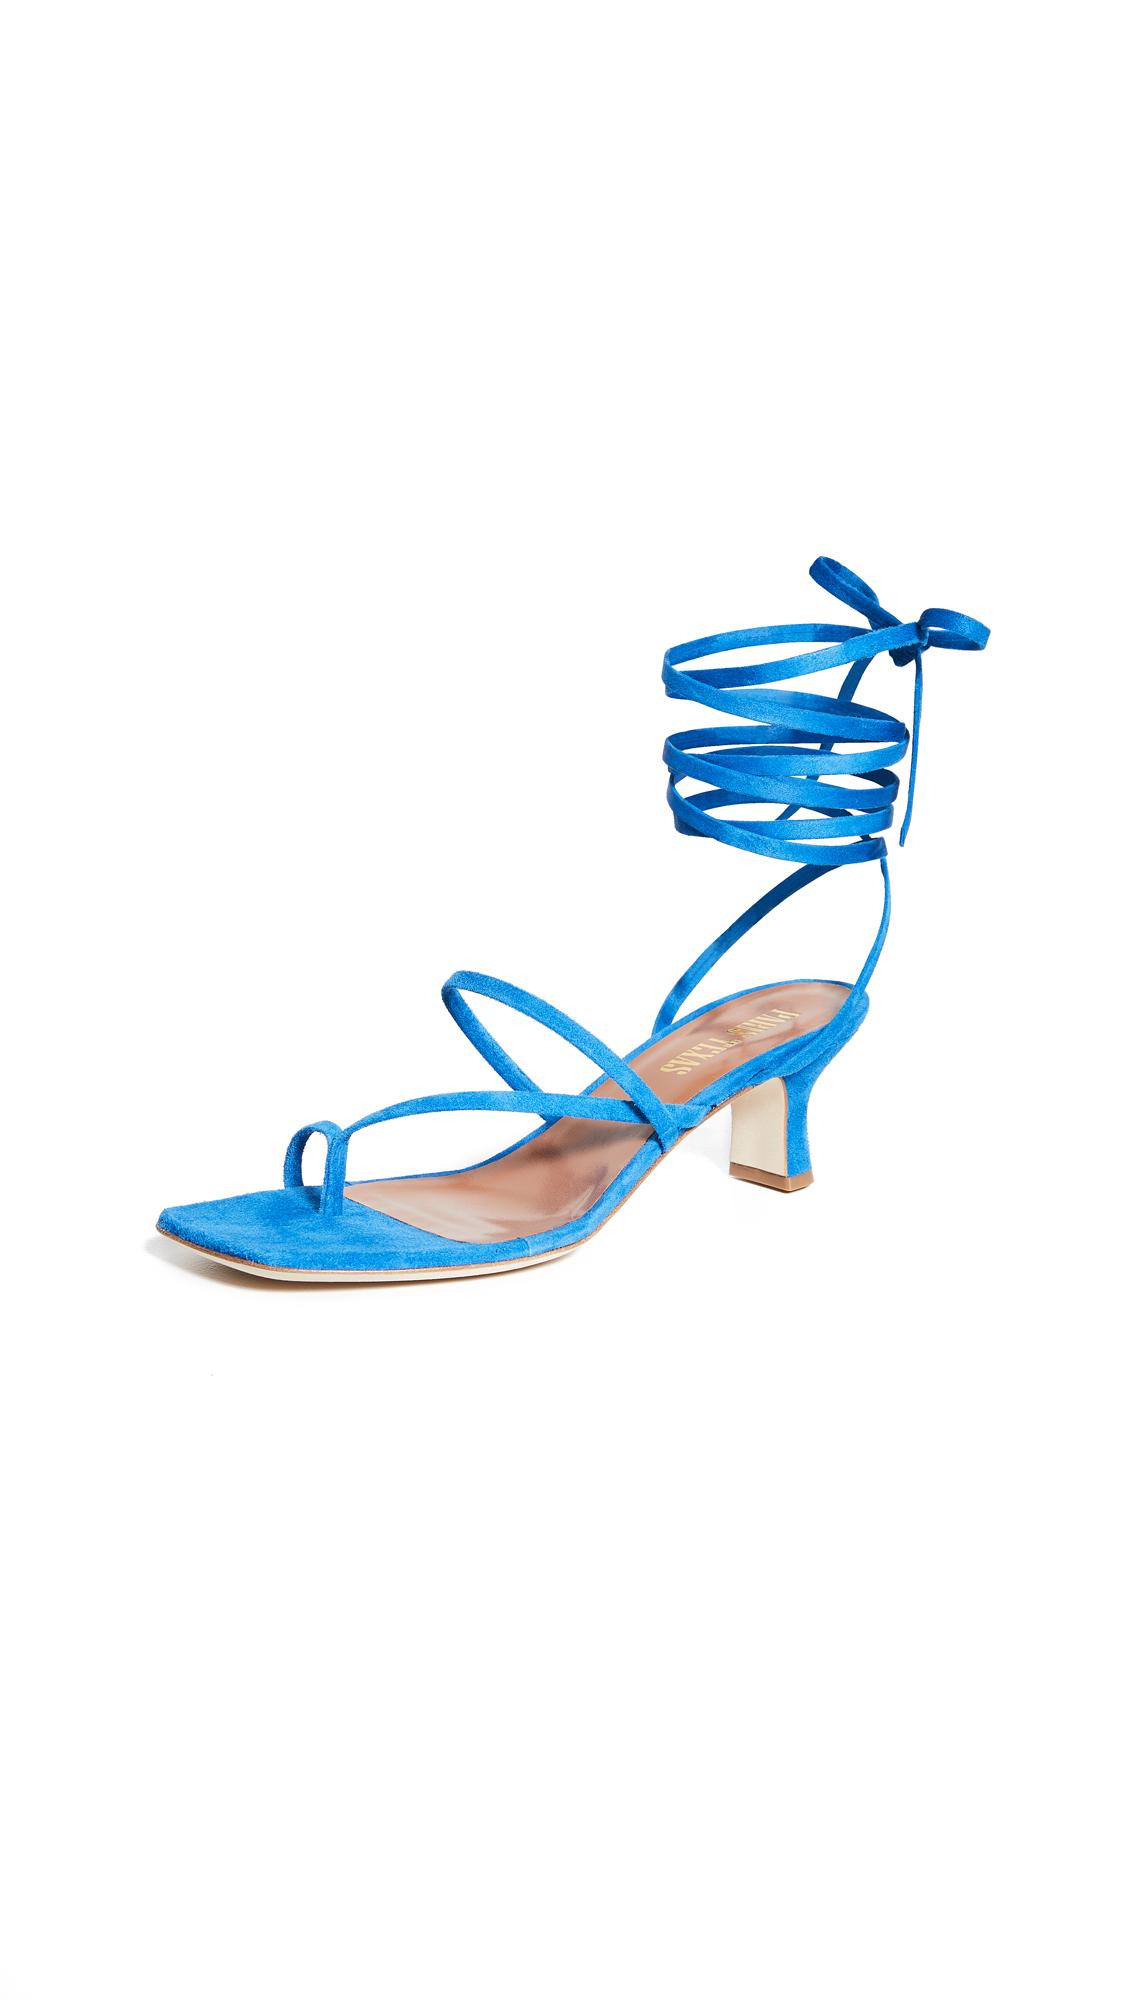 Buy Paris Texas Suede Wrap Sandals online, shop Paris Texas